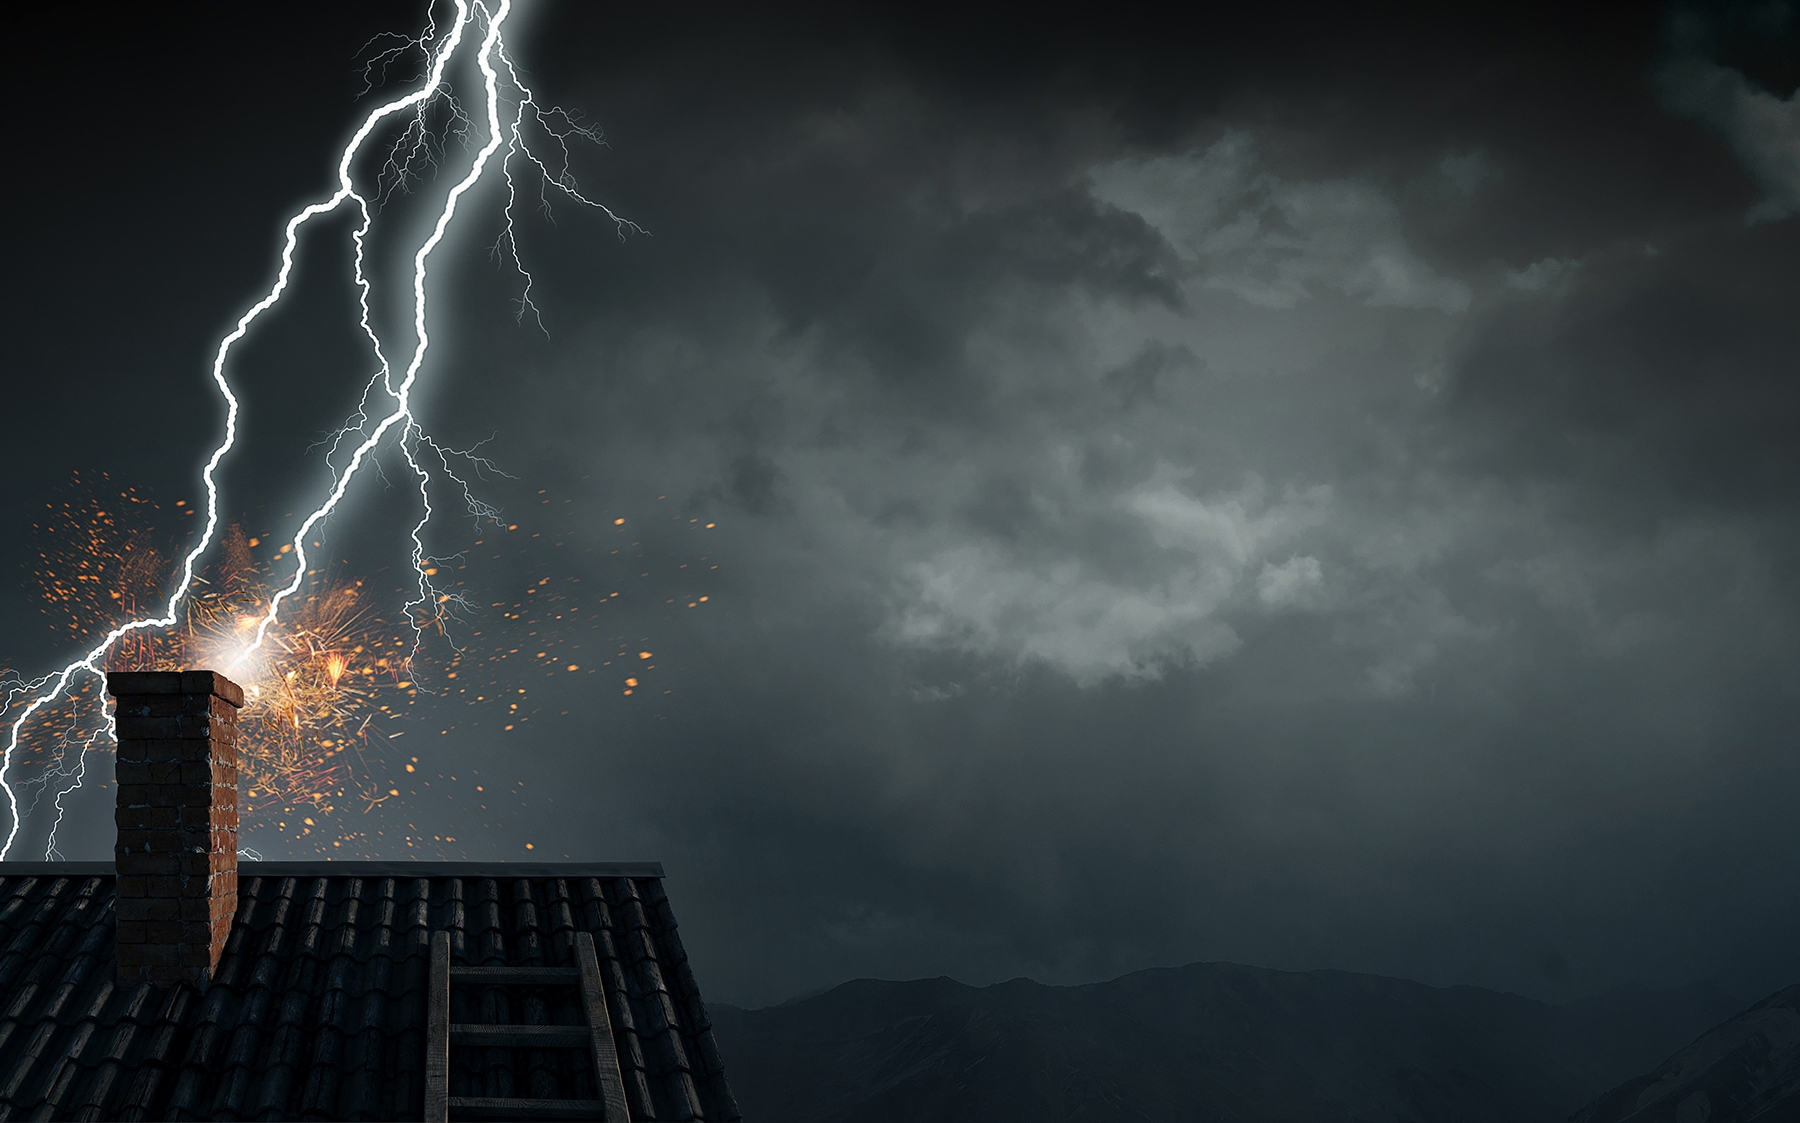 Lightning Striking House Chimney